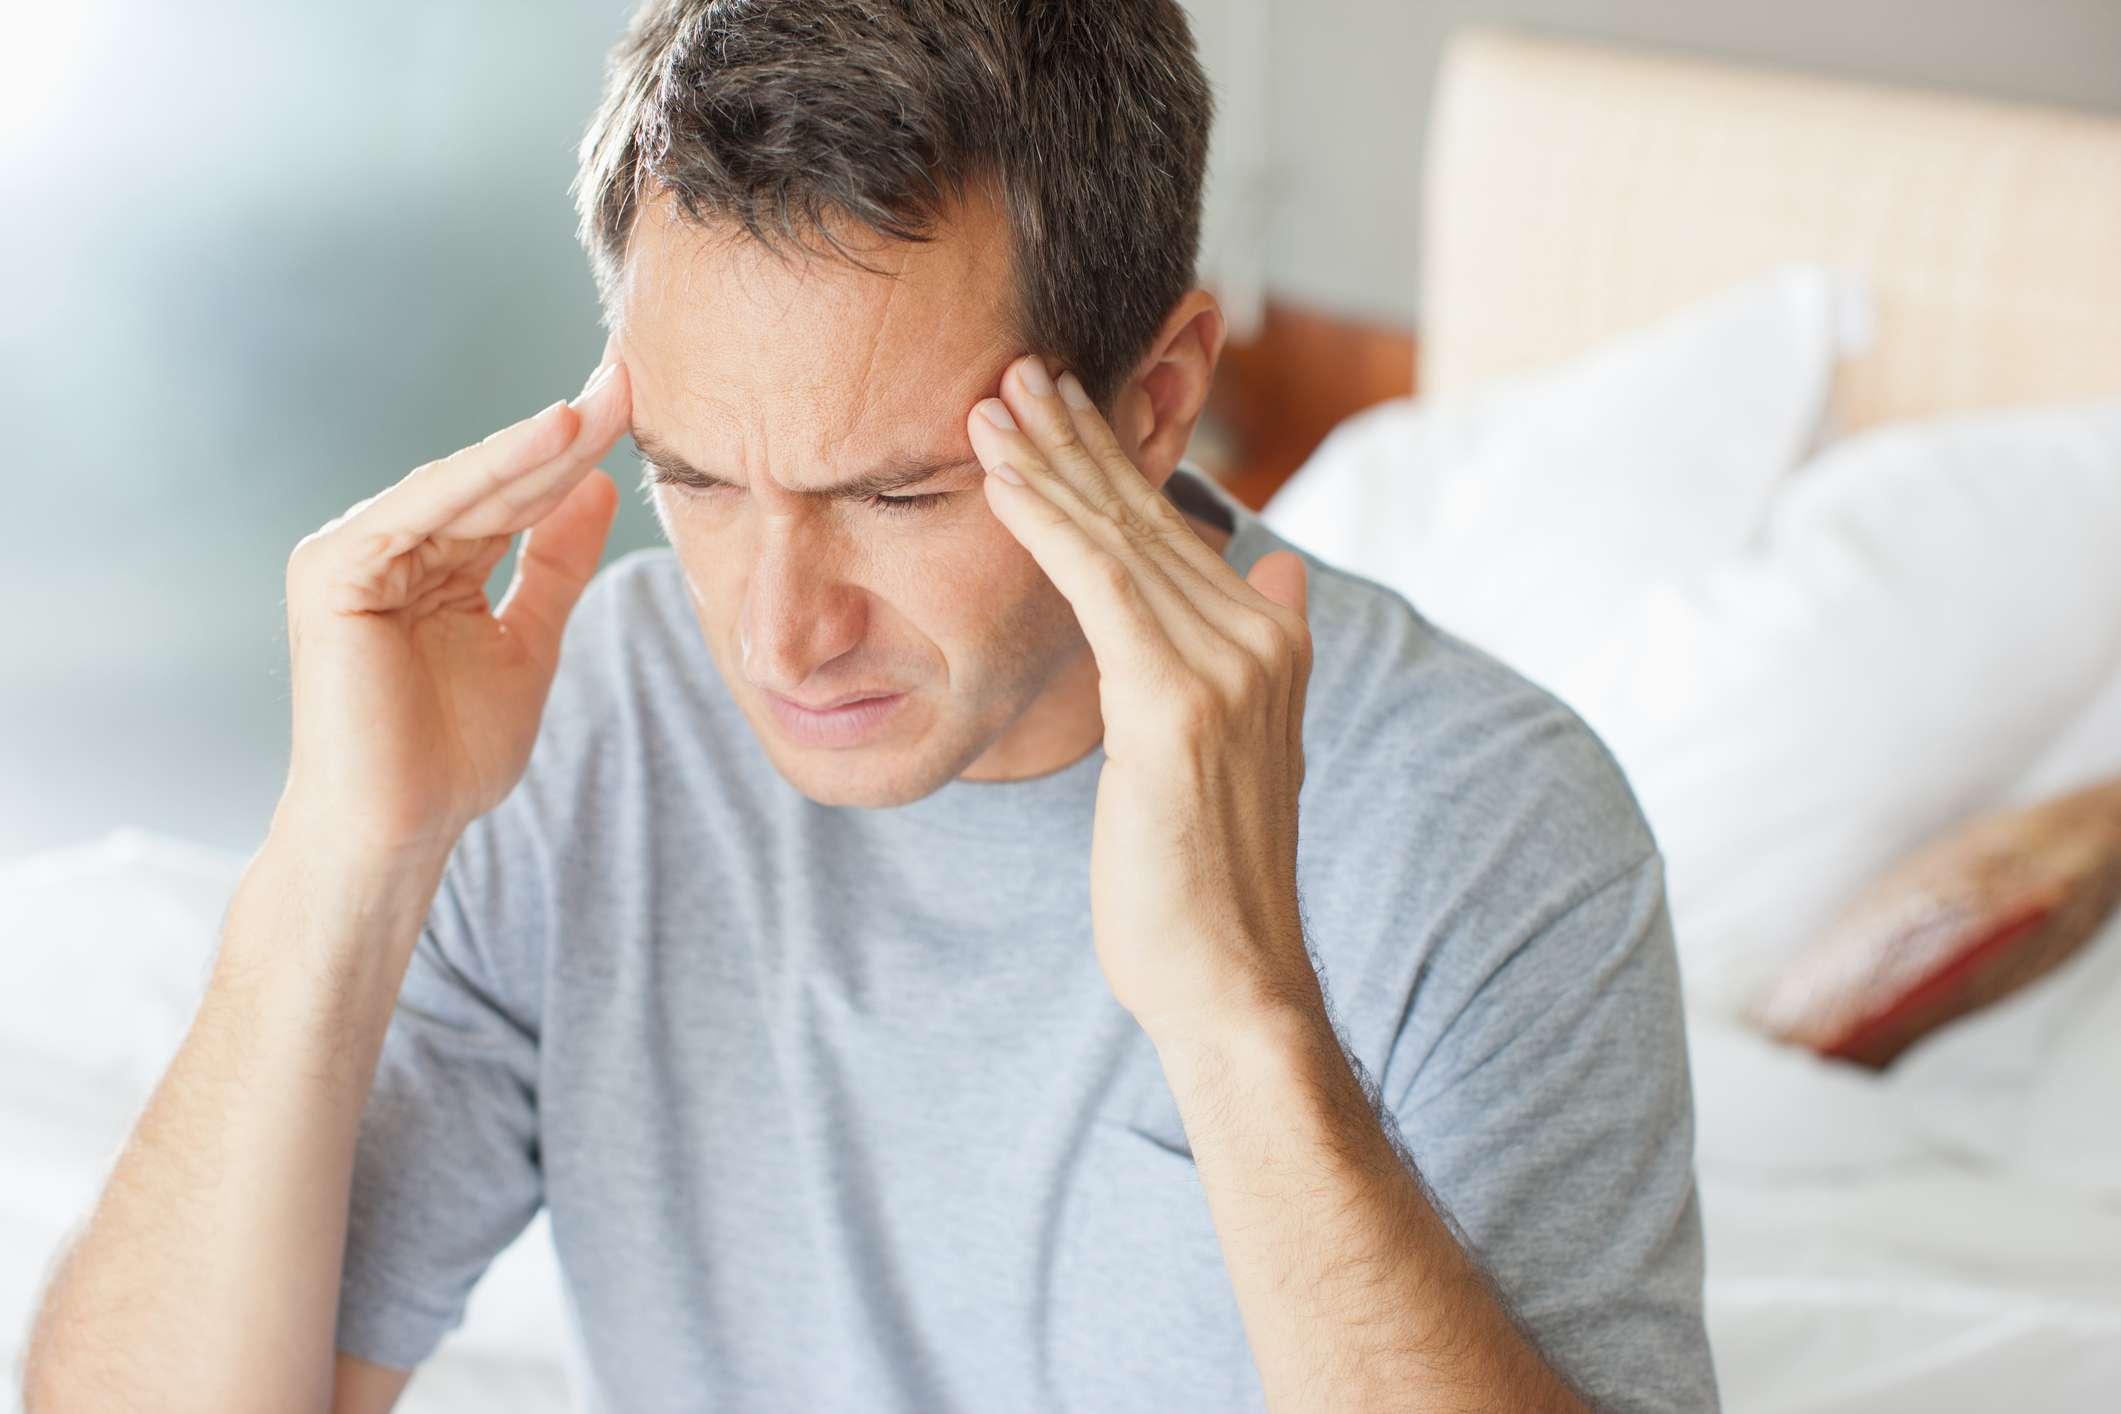 Man rubbing in his head while having a headache